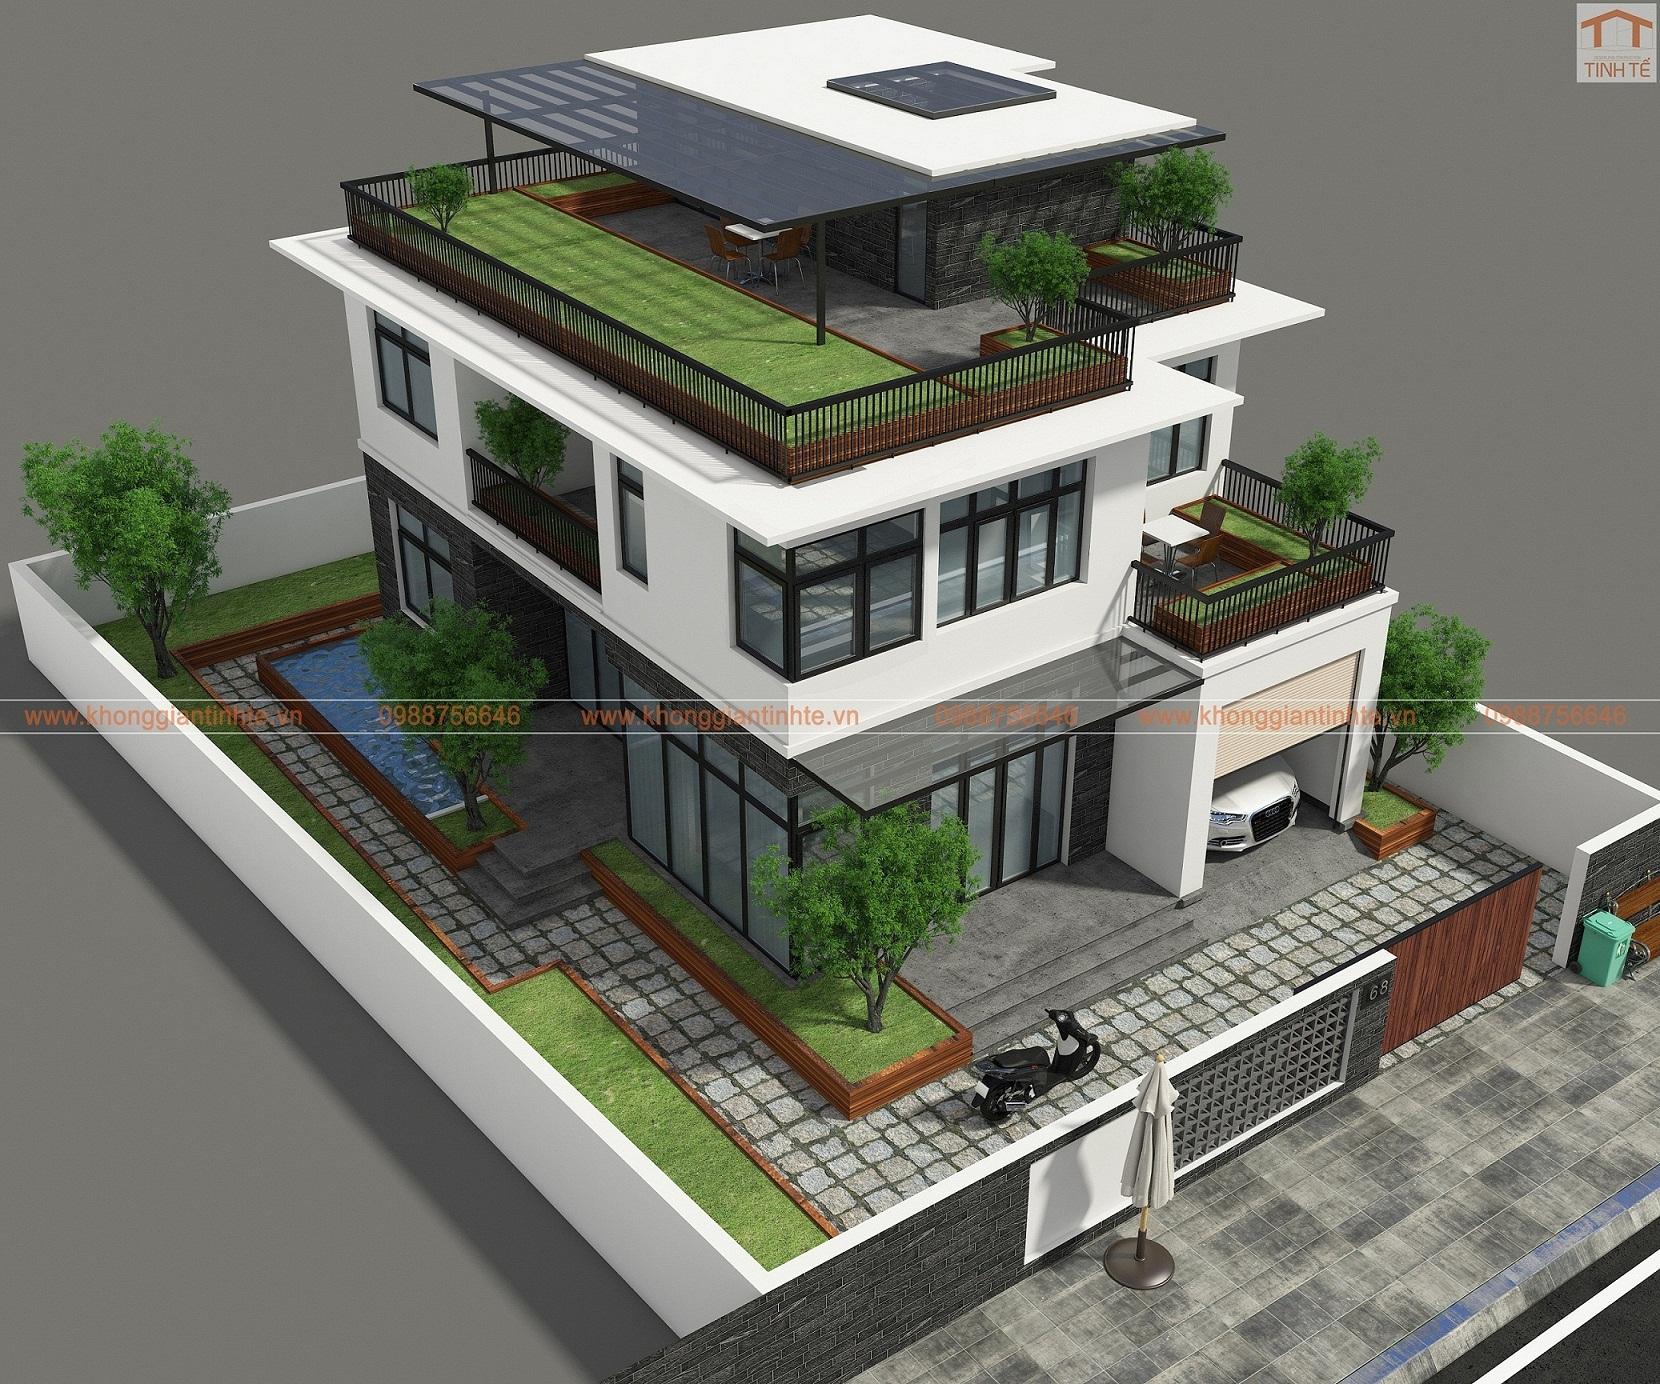 Nhà 2 tầng, 10m x 14m trên diện tích 200m2 đất, ngoại thành Hà Nội